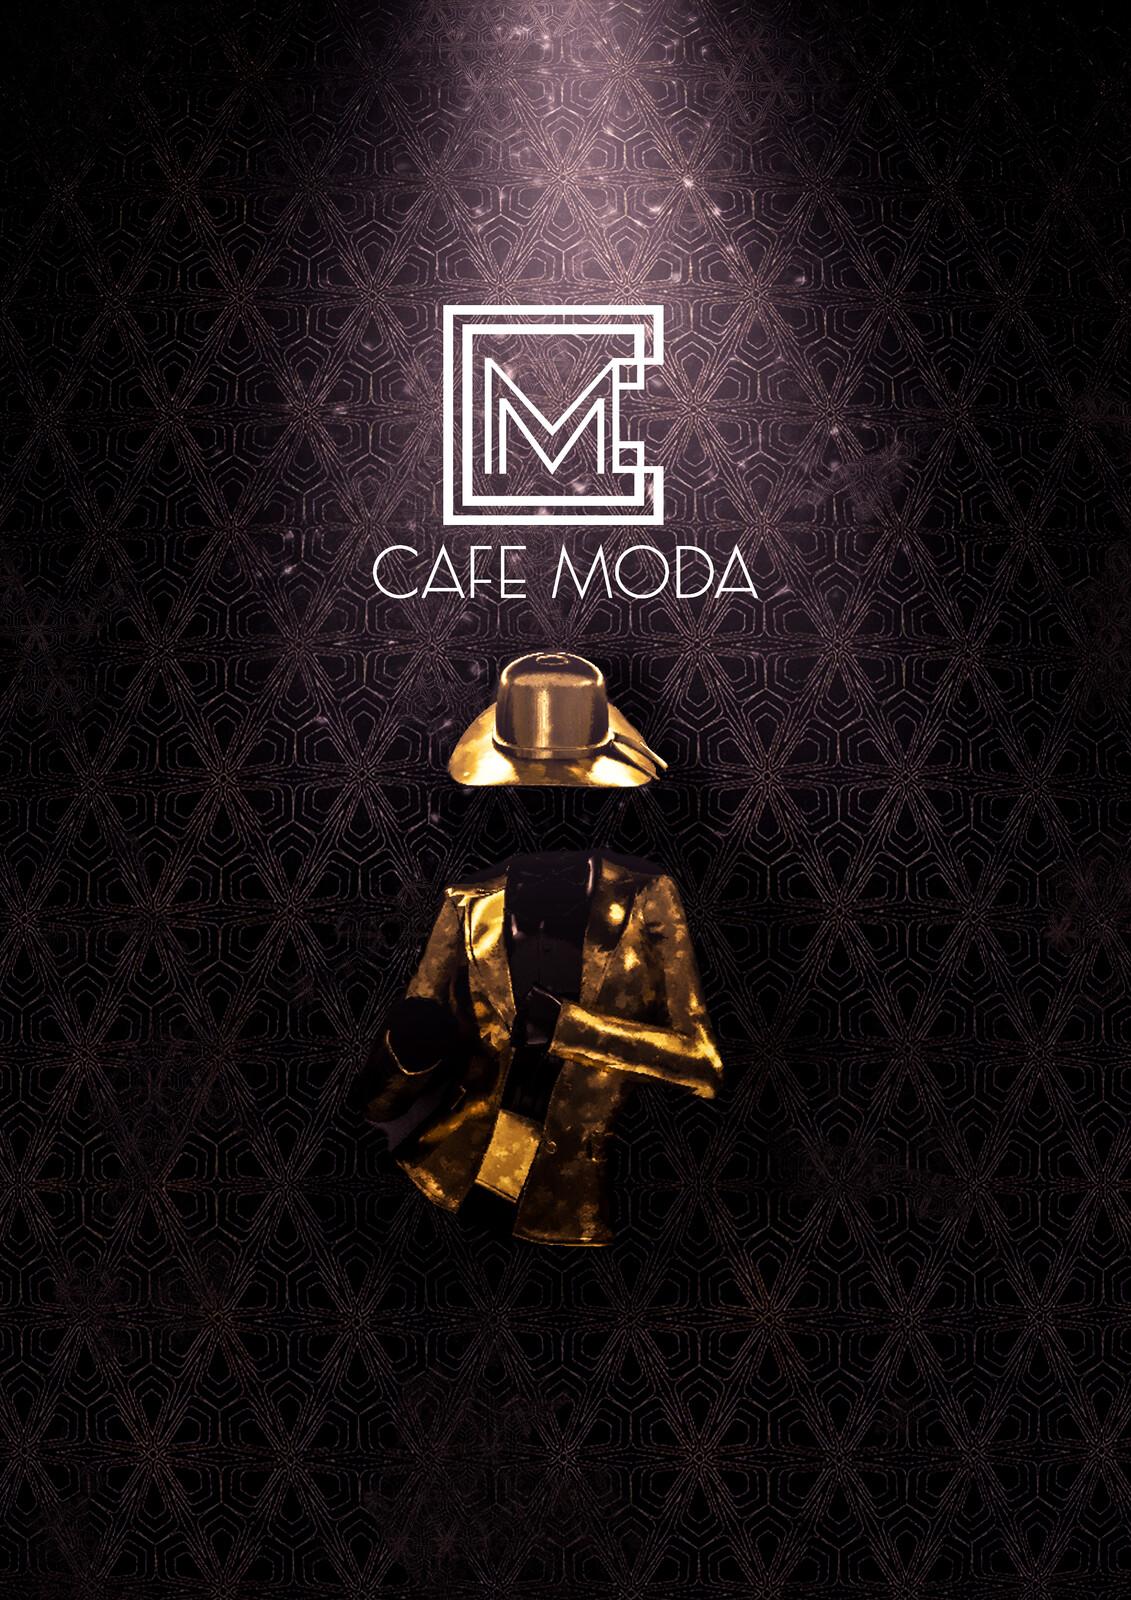 Cafe Moda